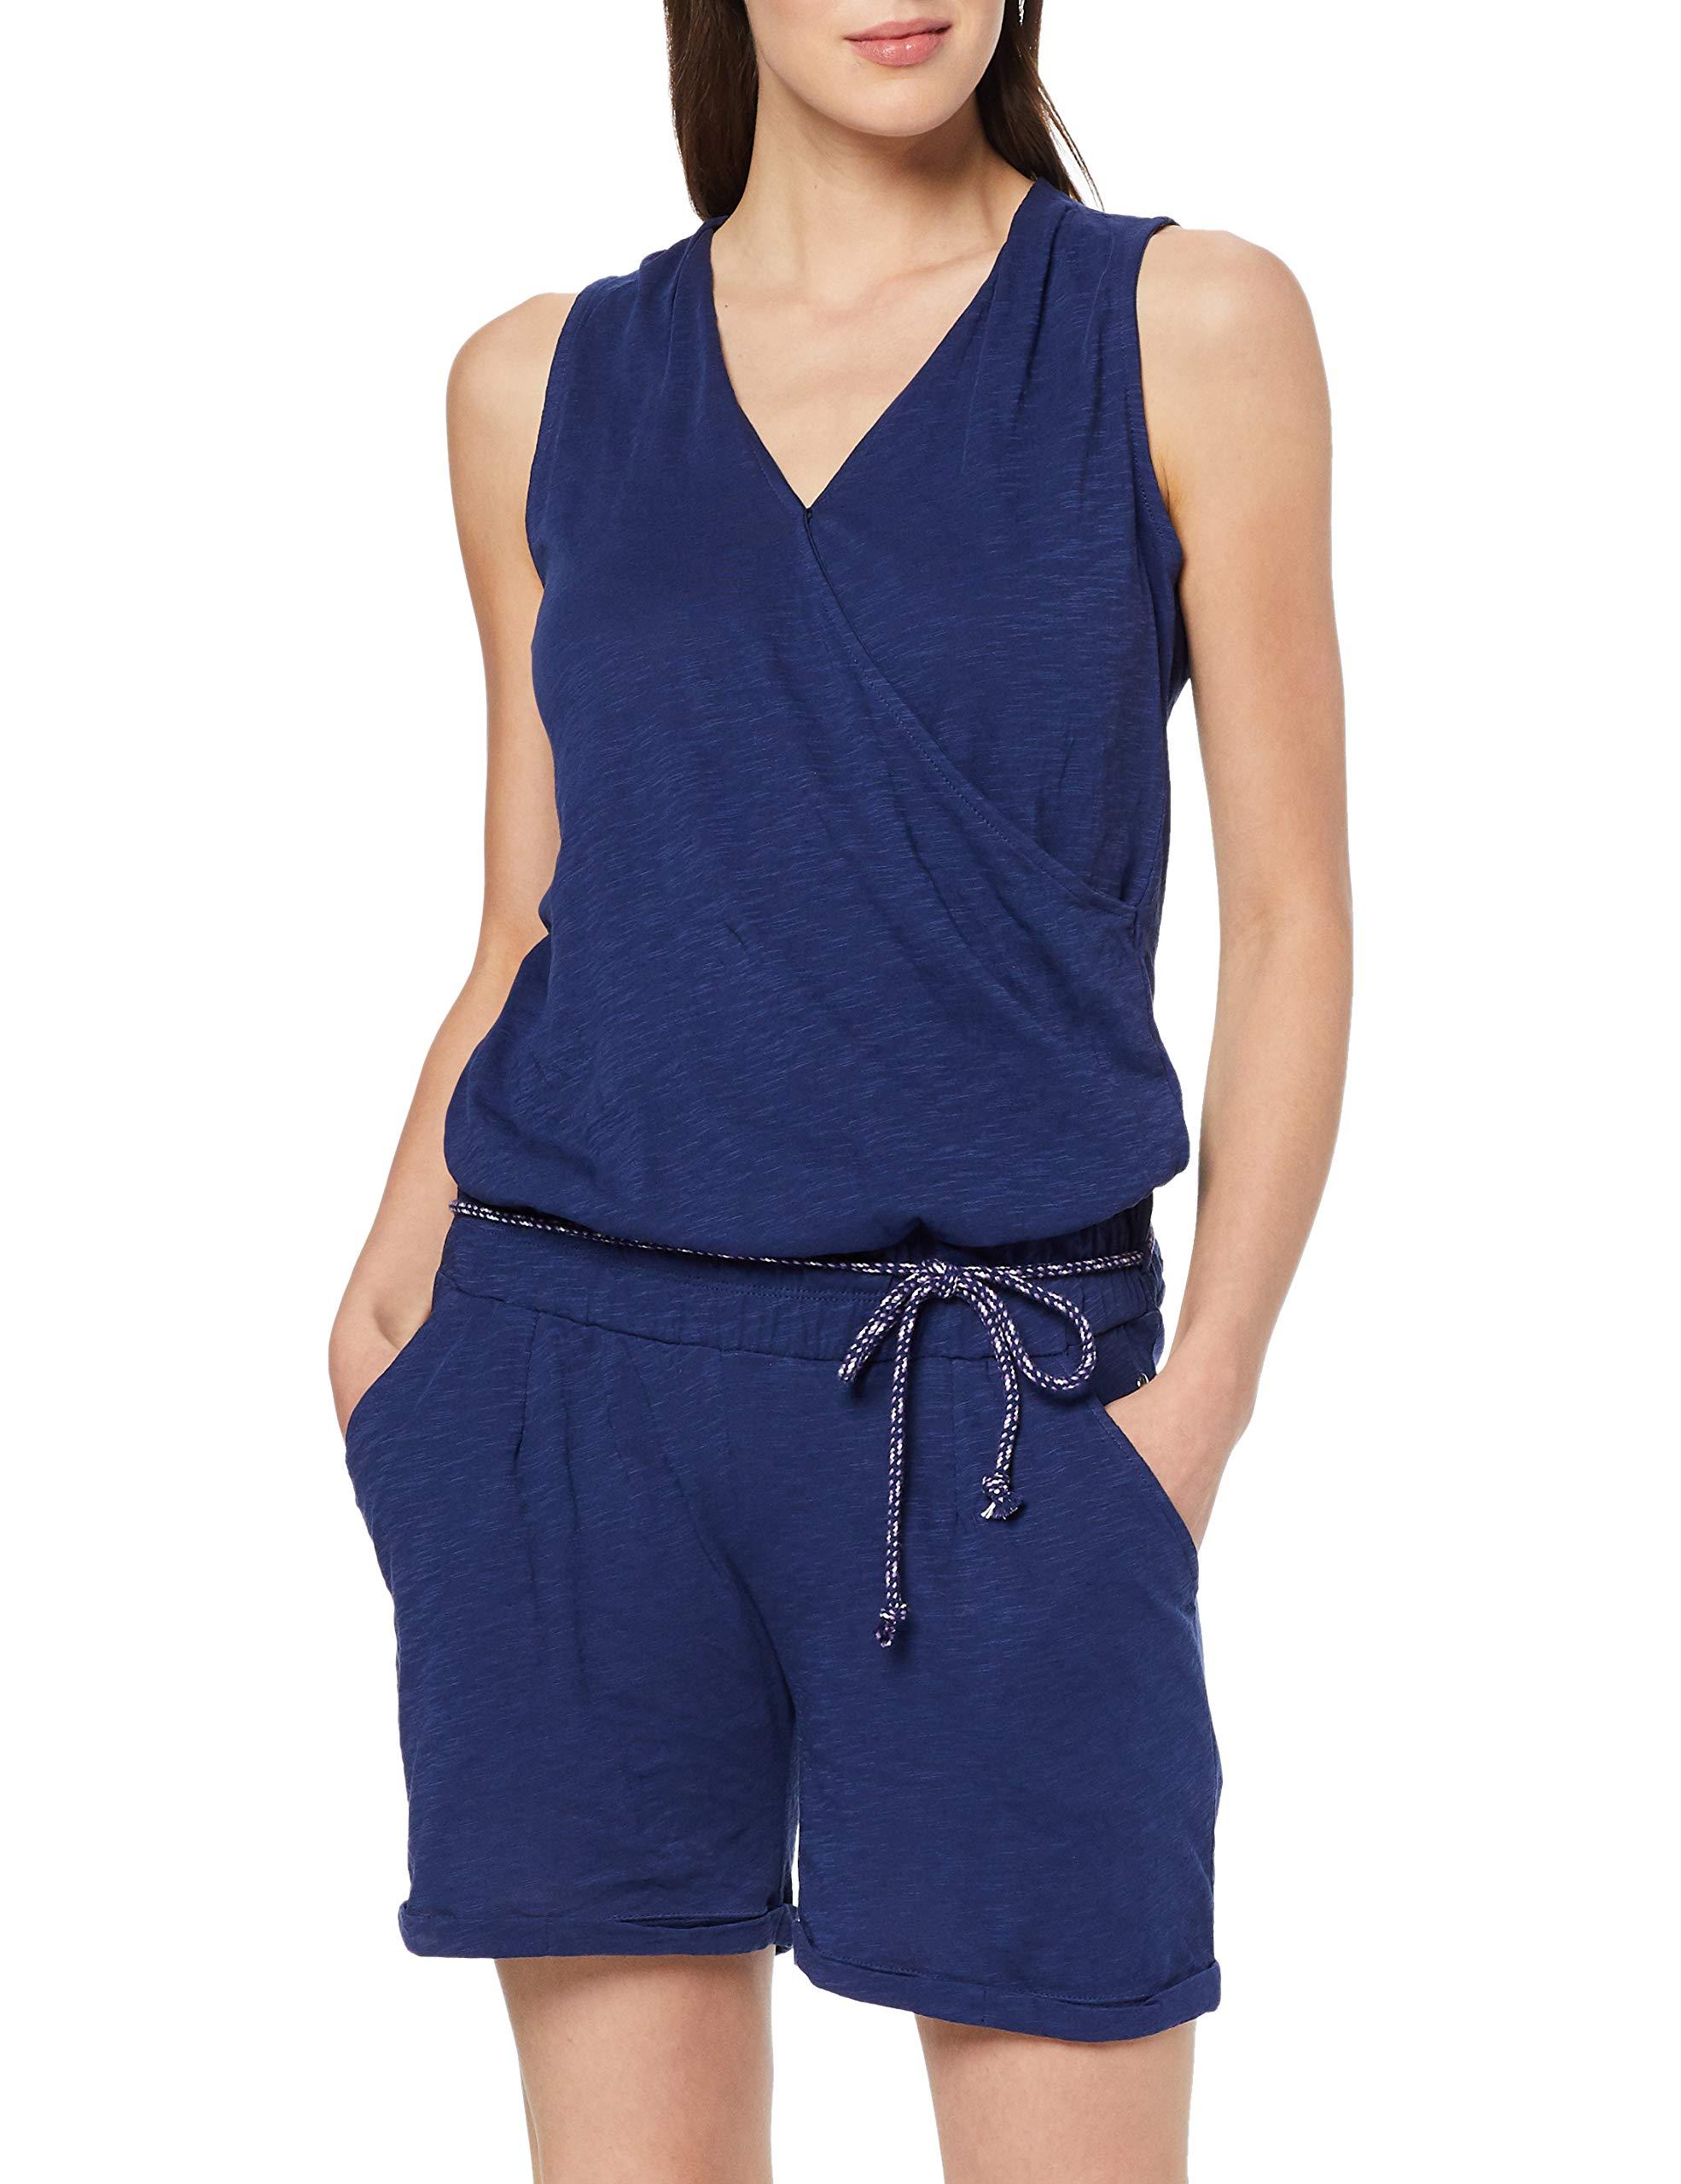 MaternitéMulticoloredark 40538taille Esprit Blue Utb Jumpsuit Maternity De Salopette FabricantSmallFemme Jersey cKlF1TJ3